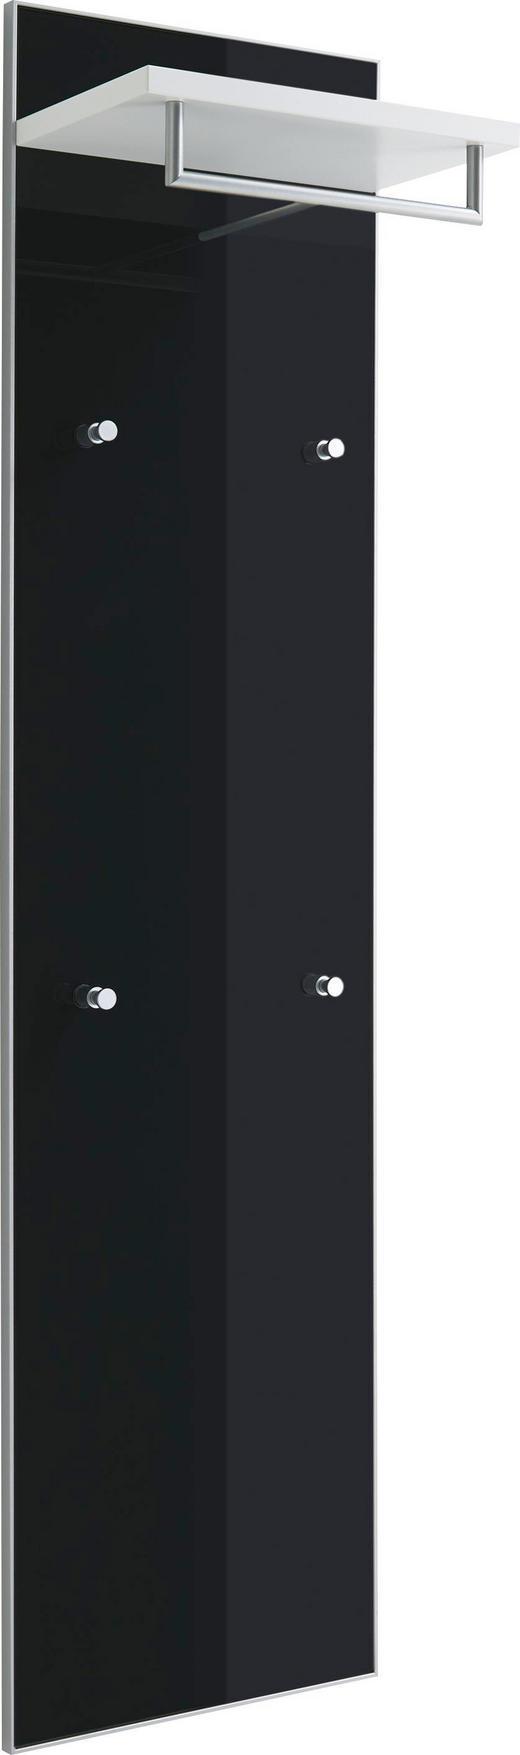 GARDEROBENPANEEL lackiert Anthrazit, Weiß - Anthrazit/Weiß, Design, Glas (42/170/27cm)